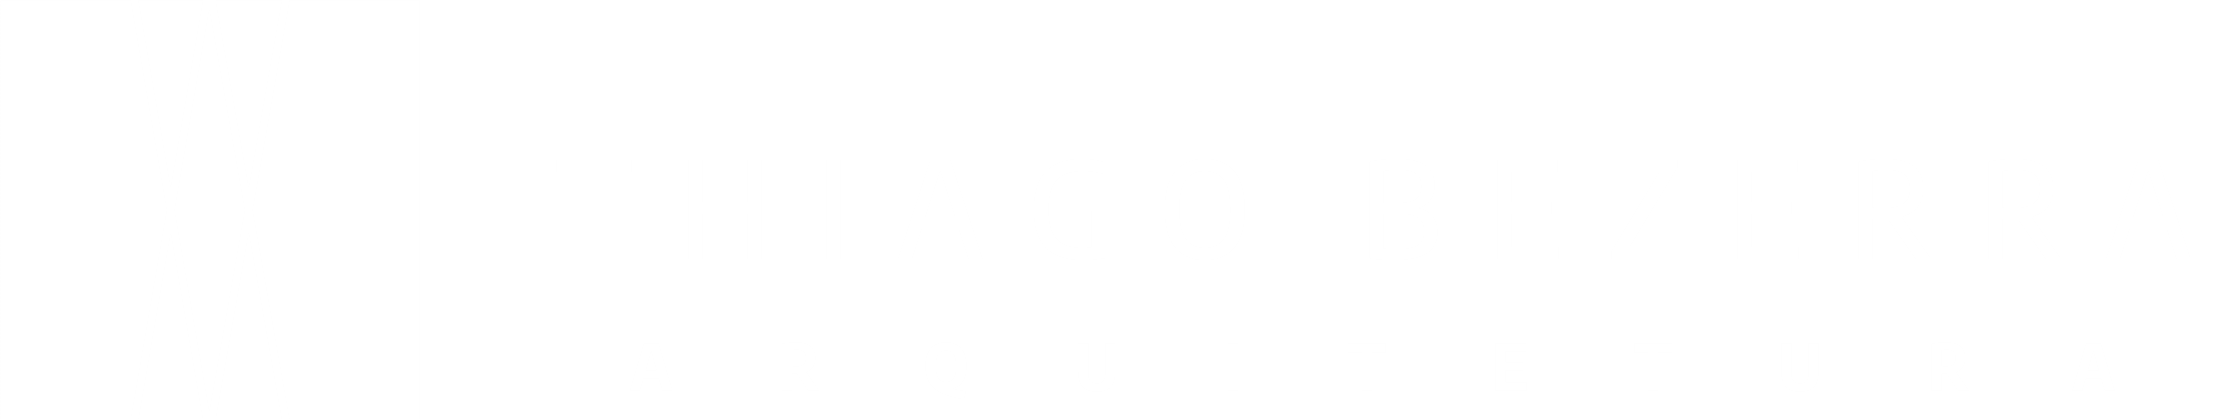 Arquiteto Thiago Bezerra | Projeto arquitetônico e projeto legal